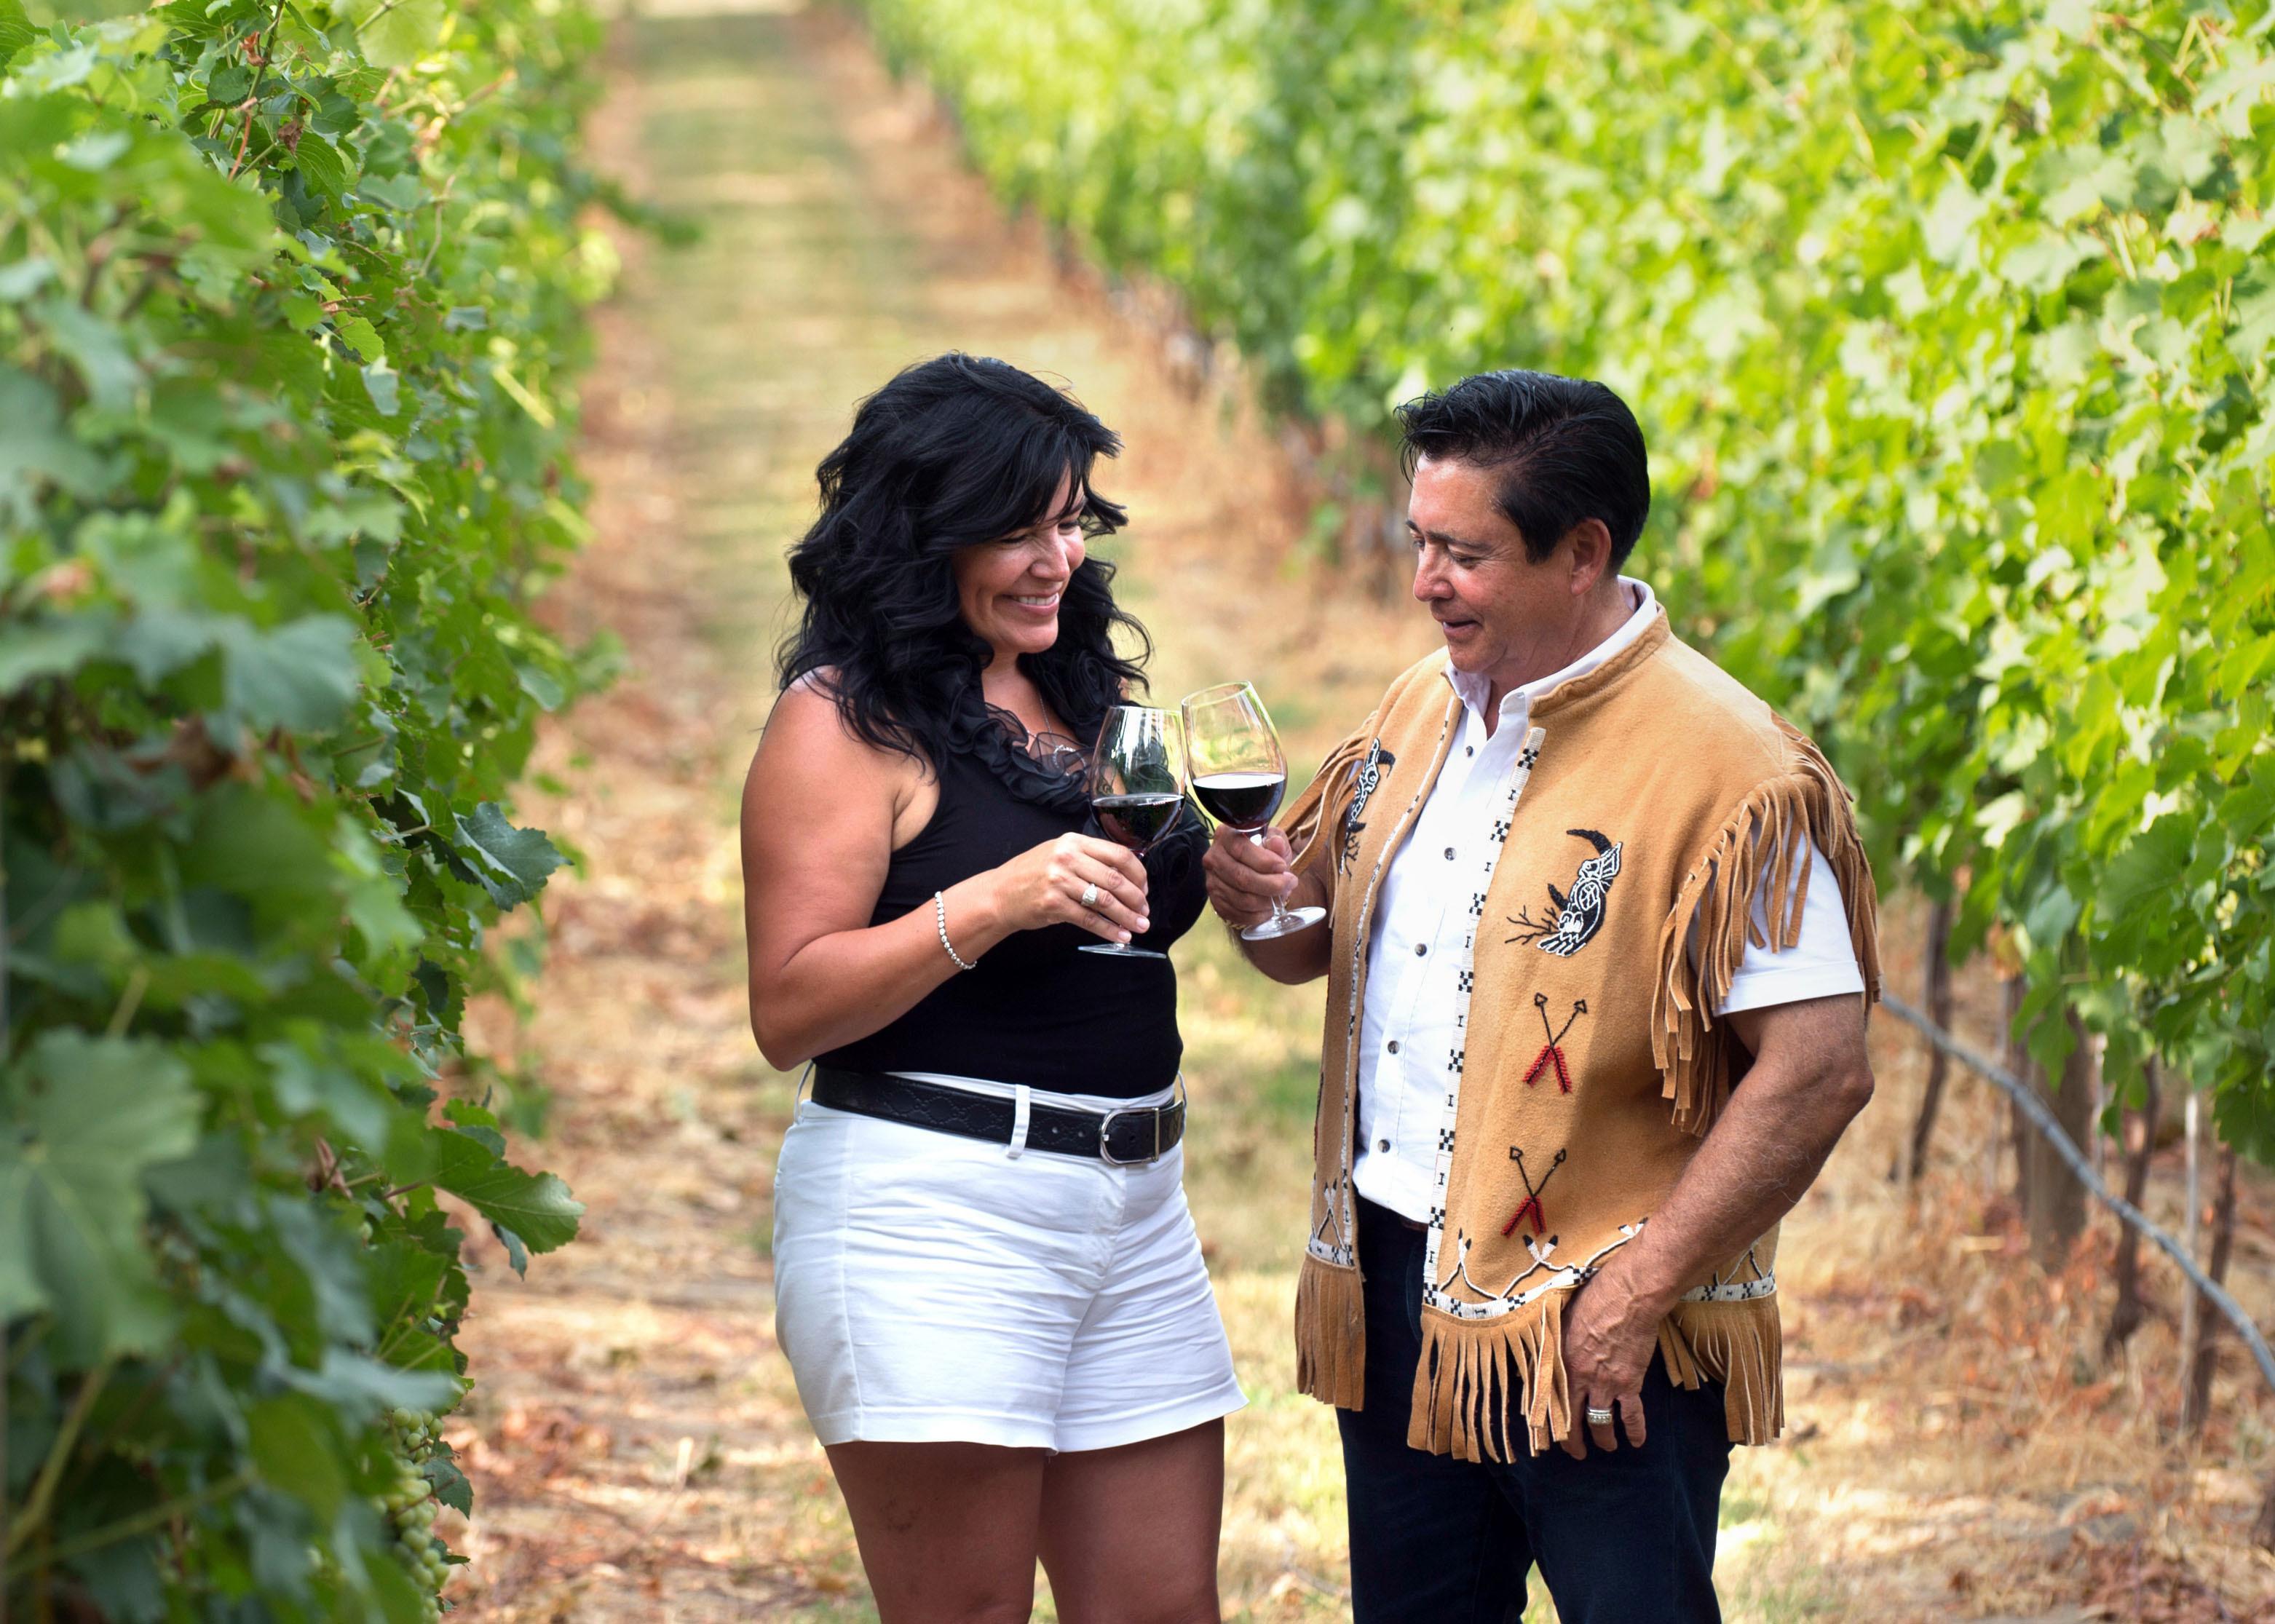 ワイナリーのブドウ畑で乾杯するロバート・ルイー(右)と妻ベニース。先祖から受け継いだ土地でワインづくりに情熱を燃やす=カナダ・ブリティッシュコロンビア州オカナガン地方(撮影・鍋島明子、共同)